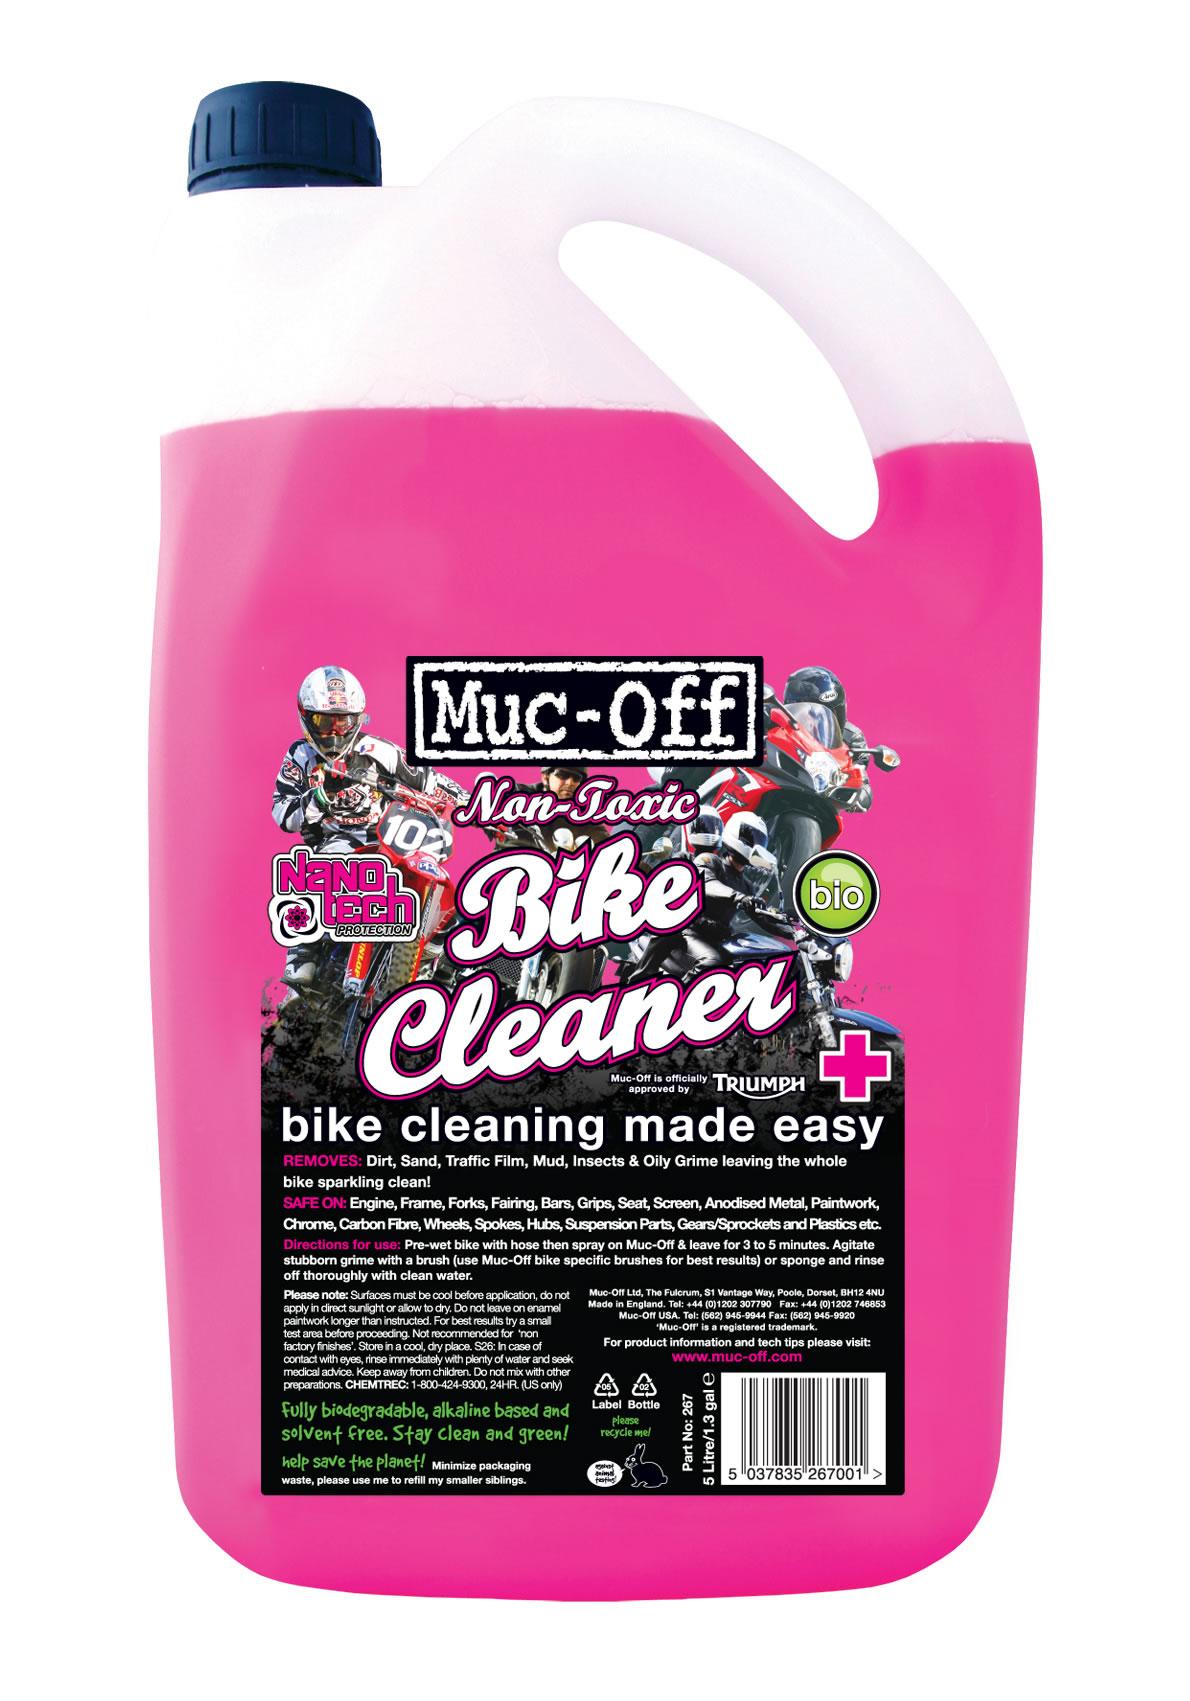 Muc-Off Nano Tech Bike Cleaner 5L (Čistící prostředek na všechny části vašeho kola)